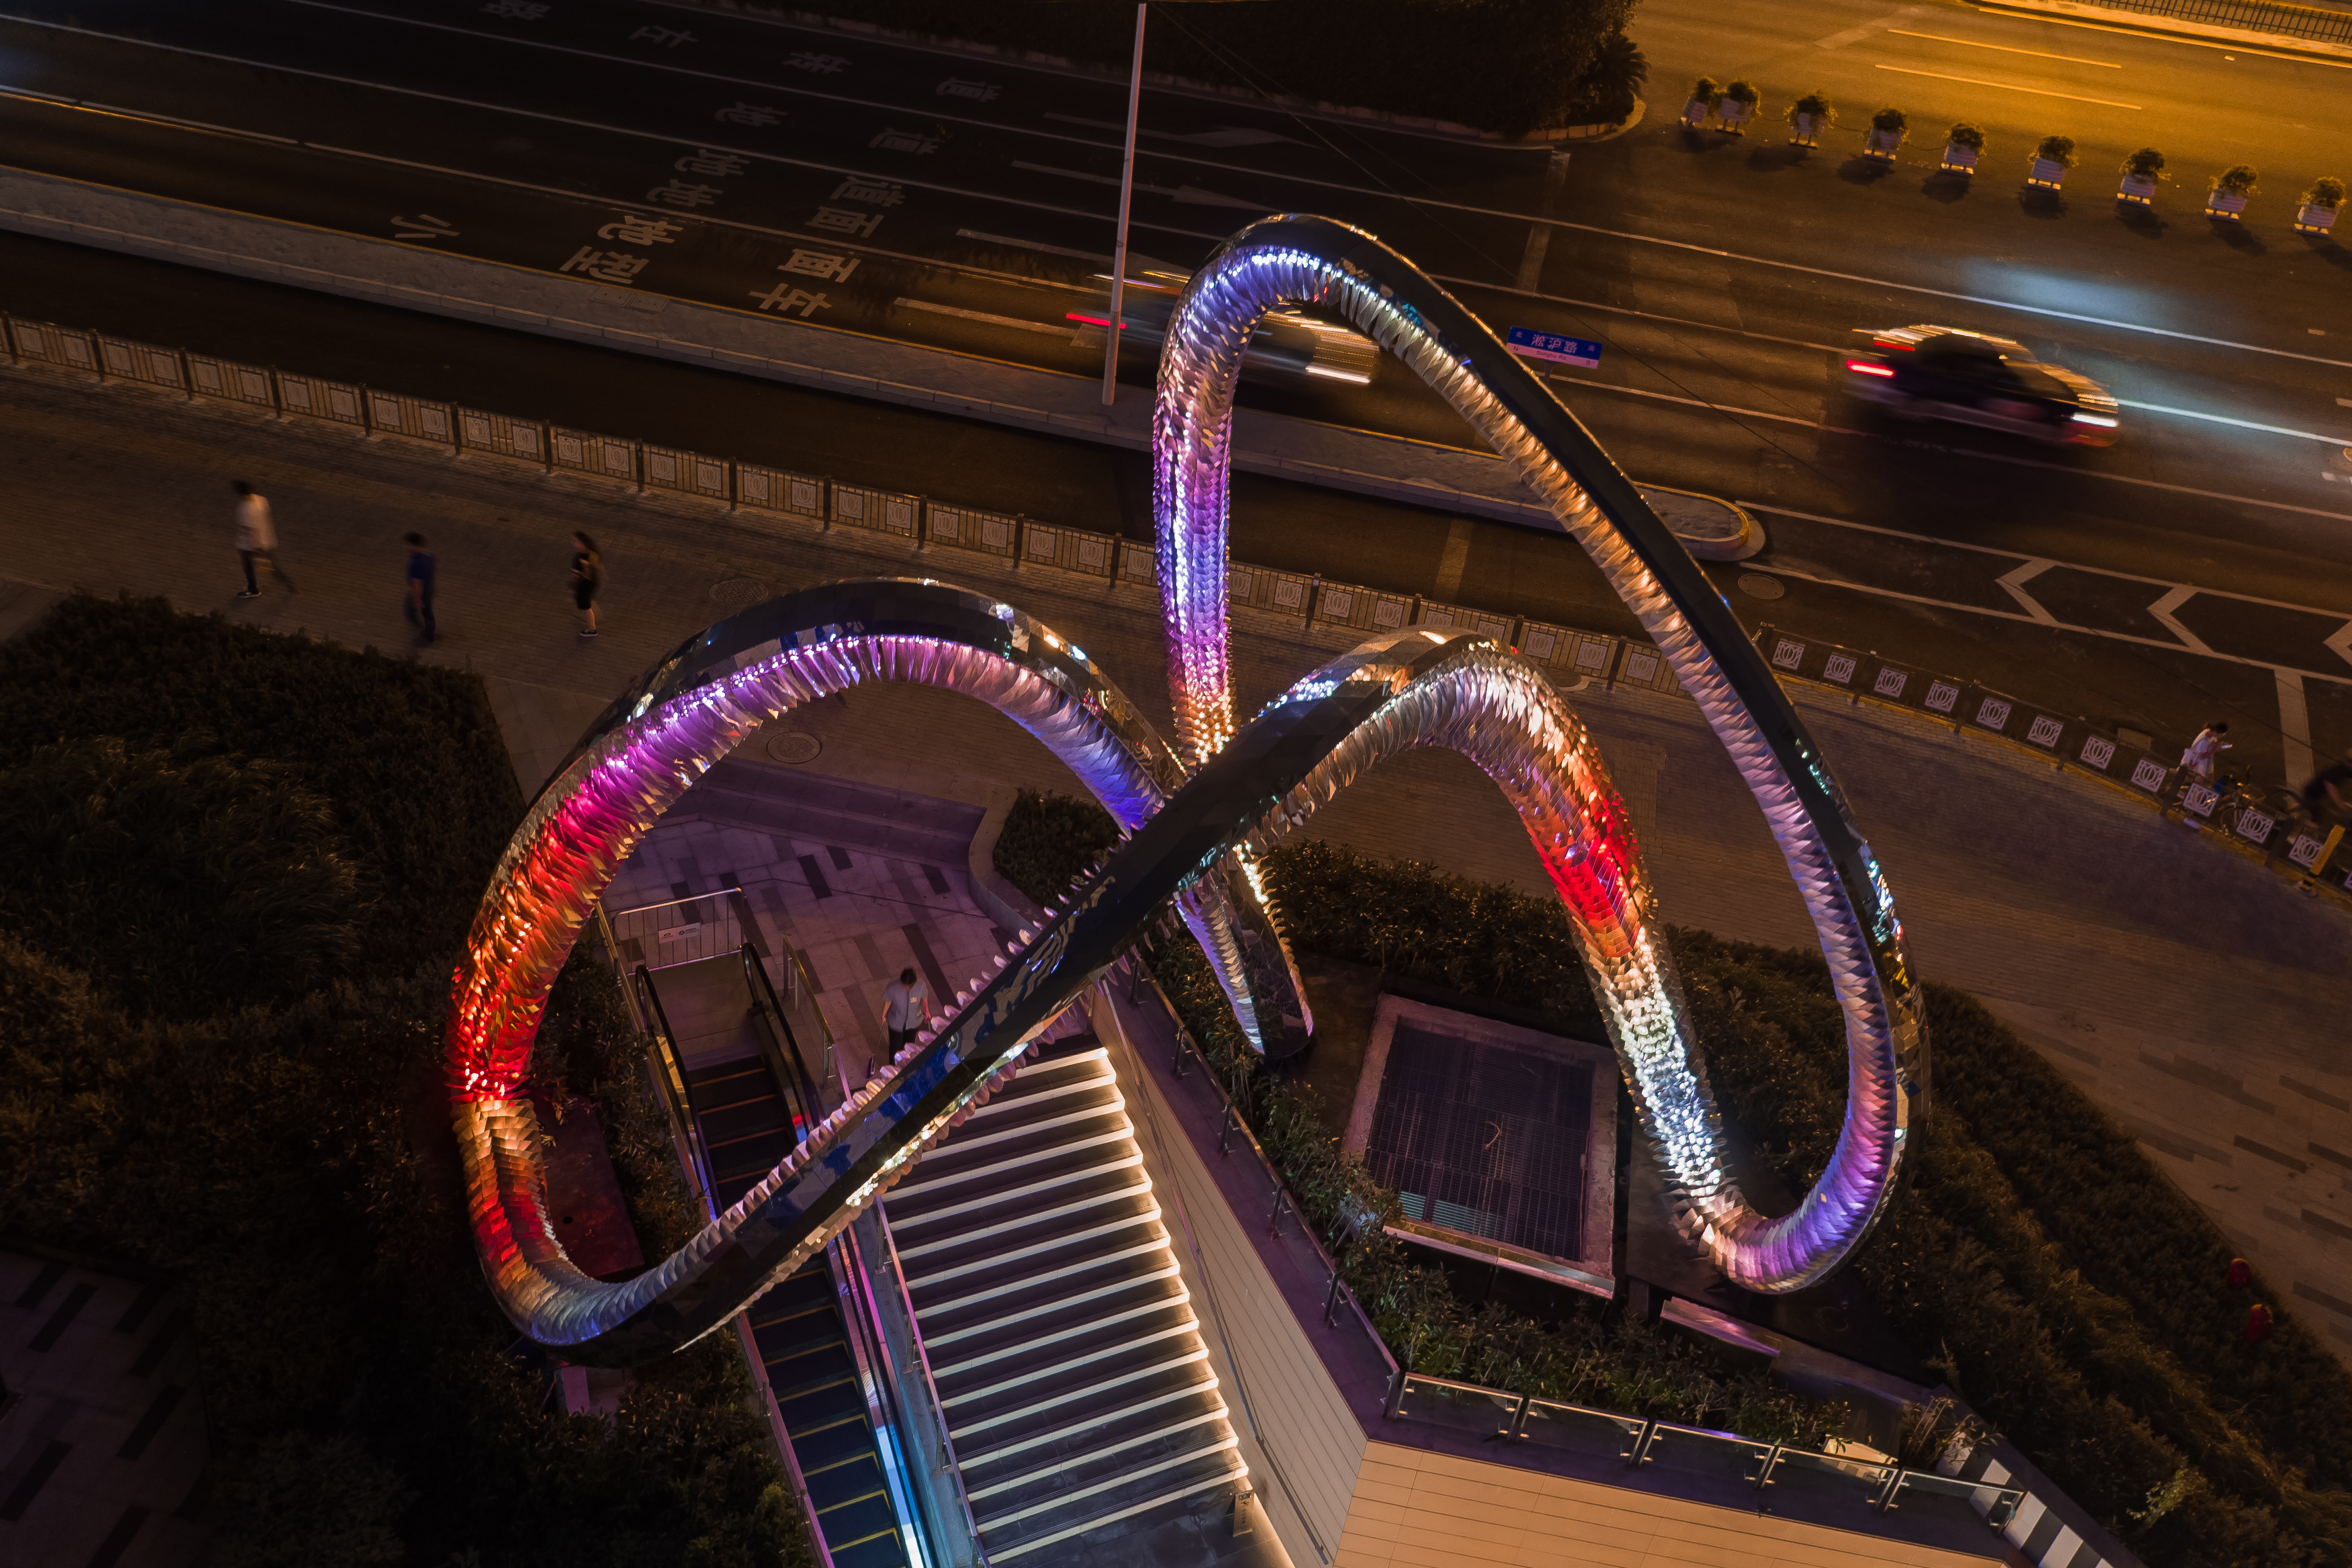 上海大学路雕塑莫比乌斯环-全景1.JPG